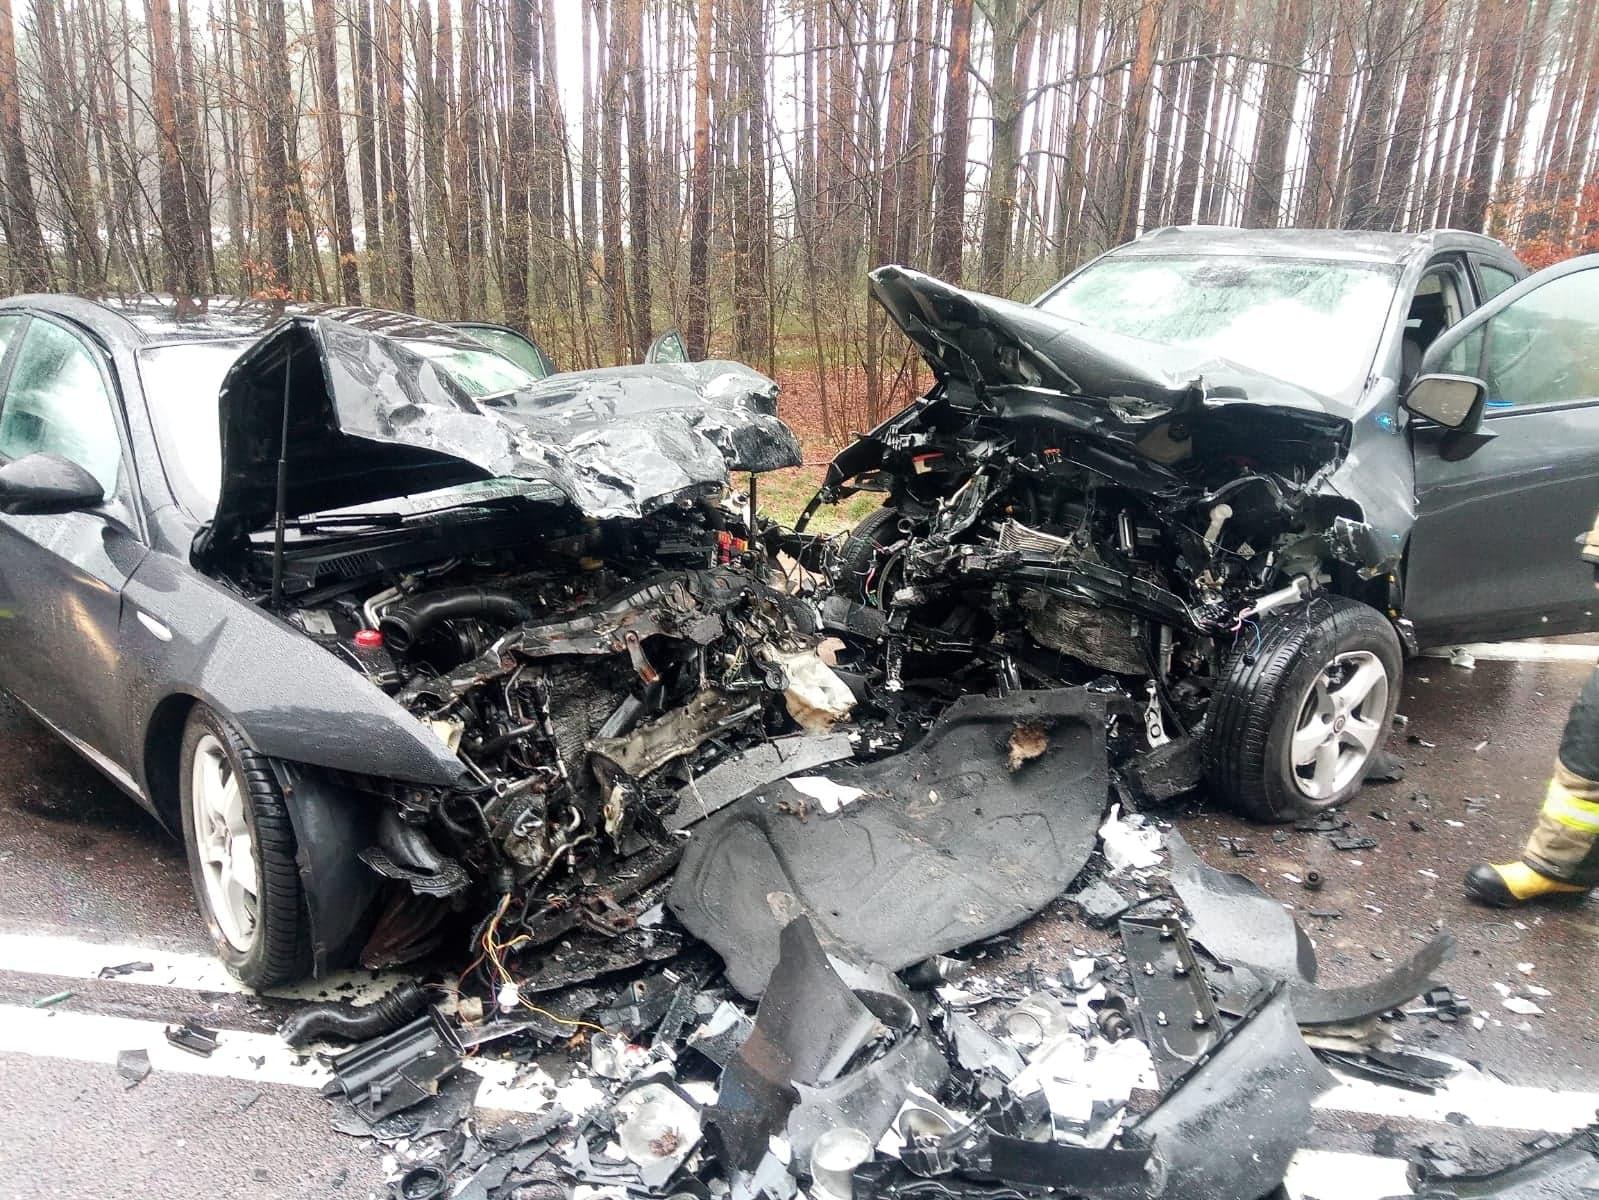 Trasa Mielec - Rzeszów była zablokowana! Czołowe zderzenie dwóch samochodów [MAPA, ZDJĘCIA] - Zdjęcie główne